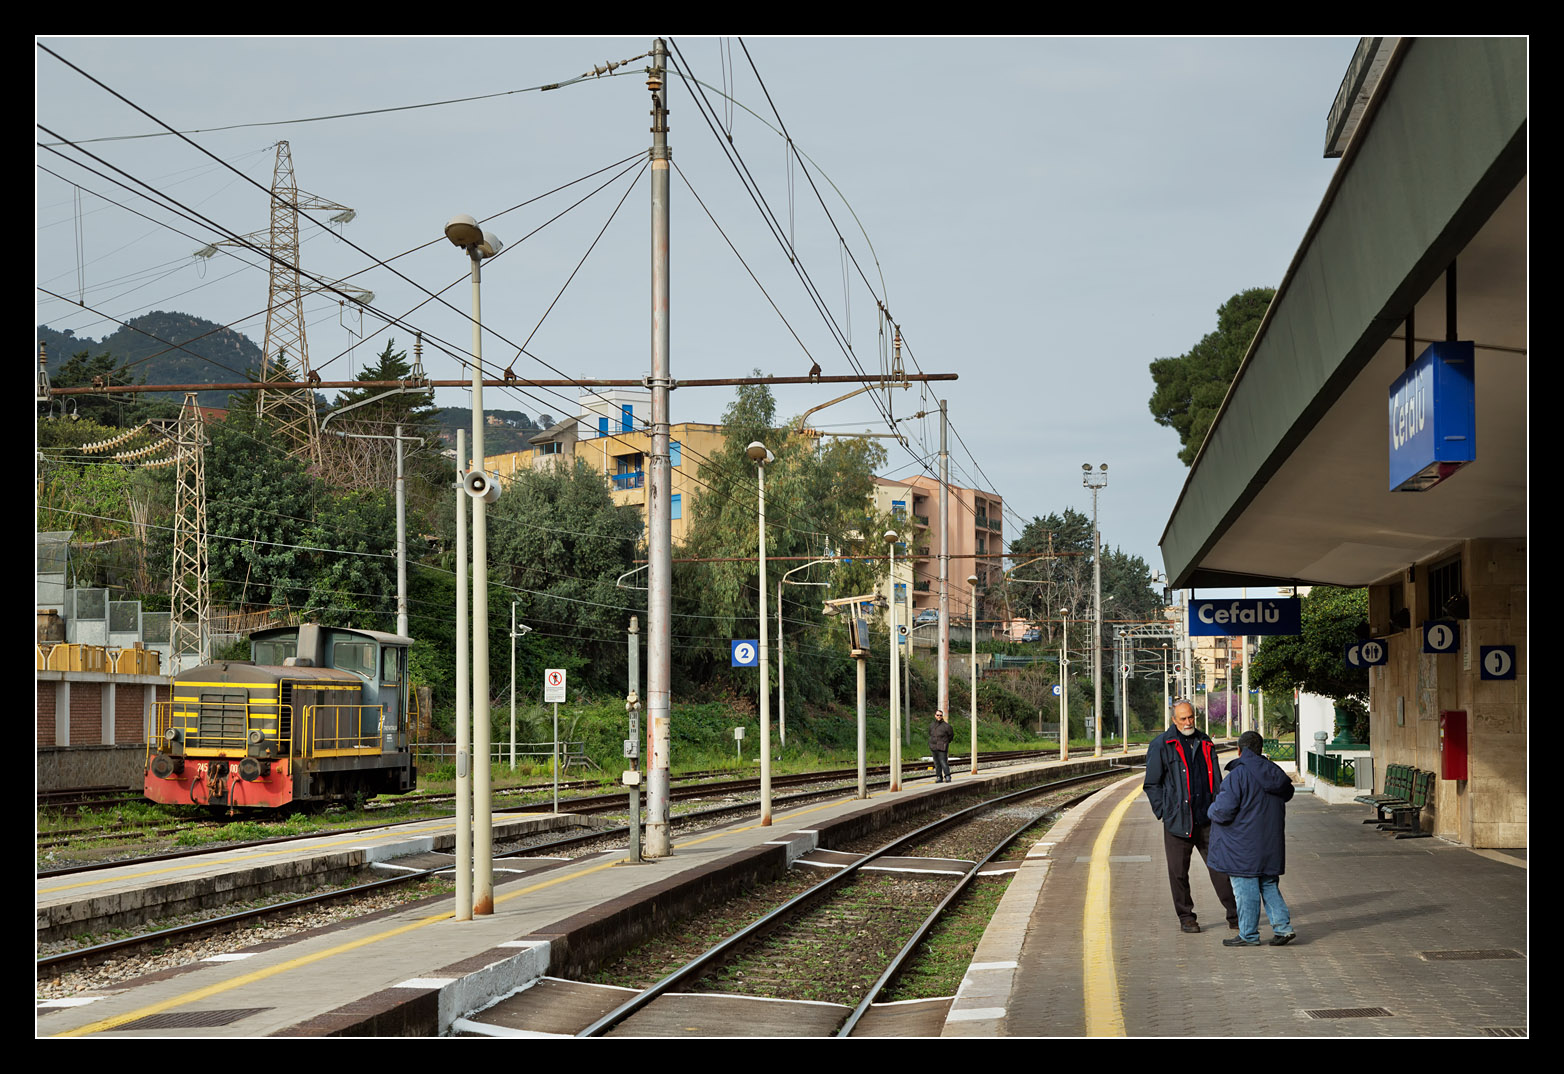 ferrovia calabria - photo#11